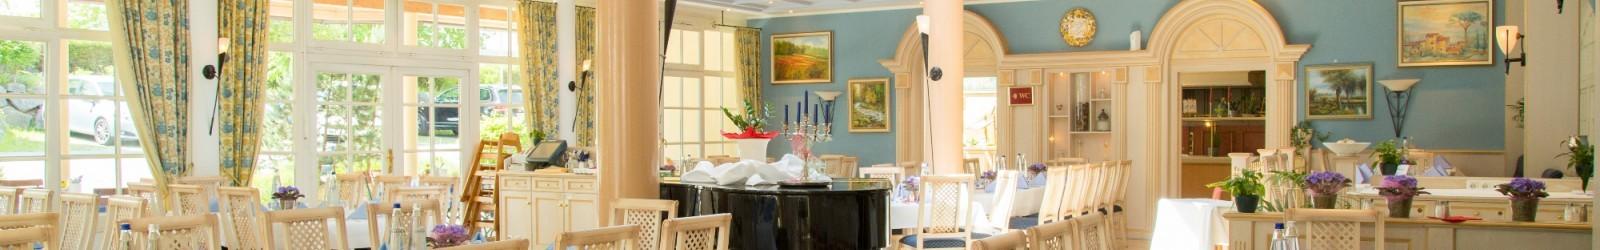 Restaurant im Hotel Bayerischer Hof Miesbach****